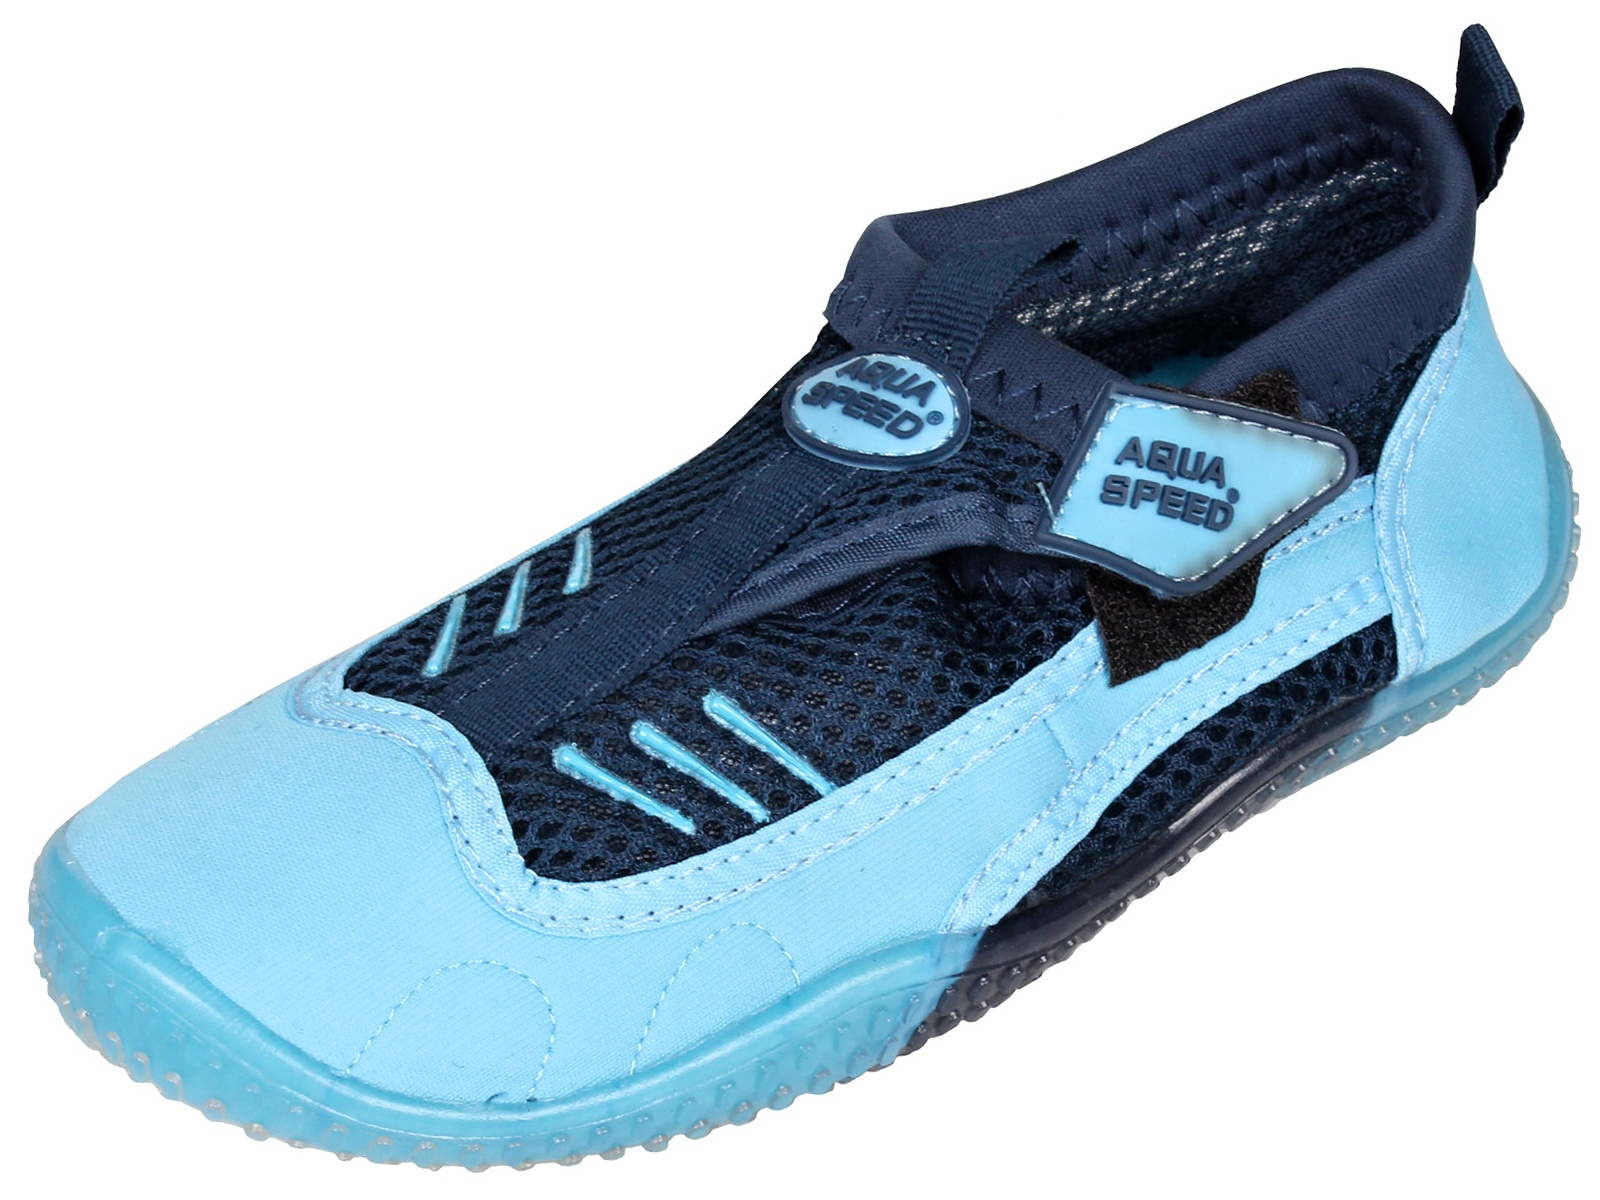 Boty do vody AQUA-SPEED 7A modré - vel. 43